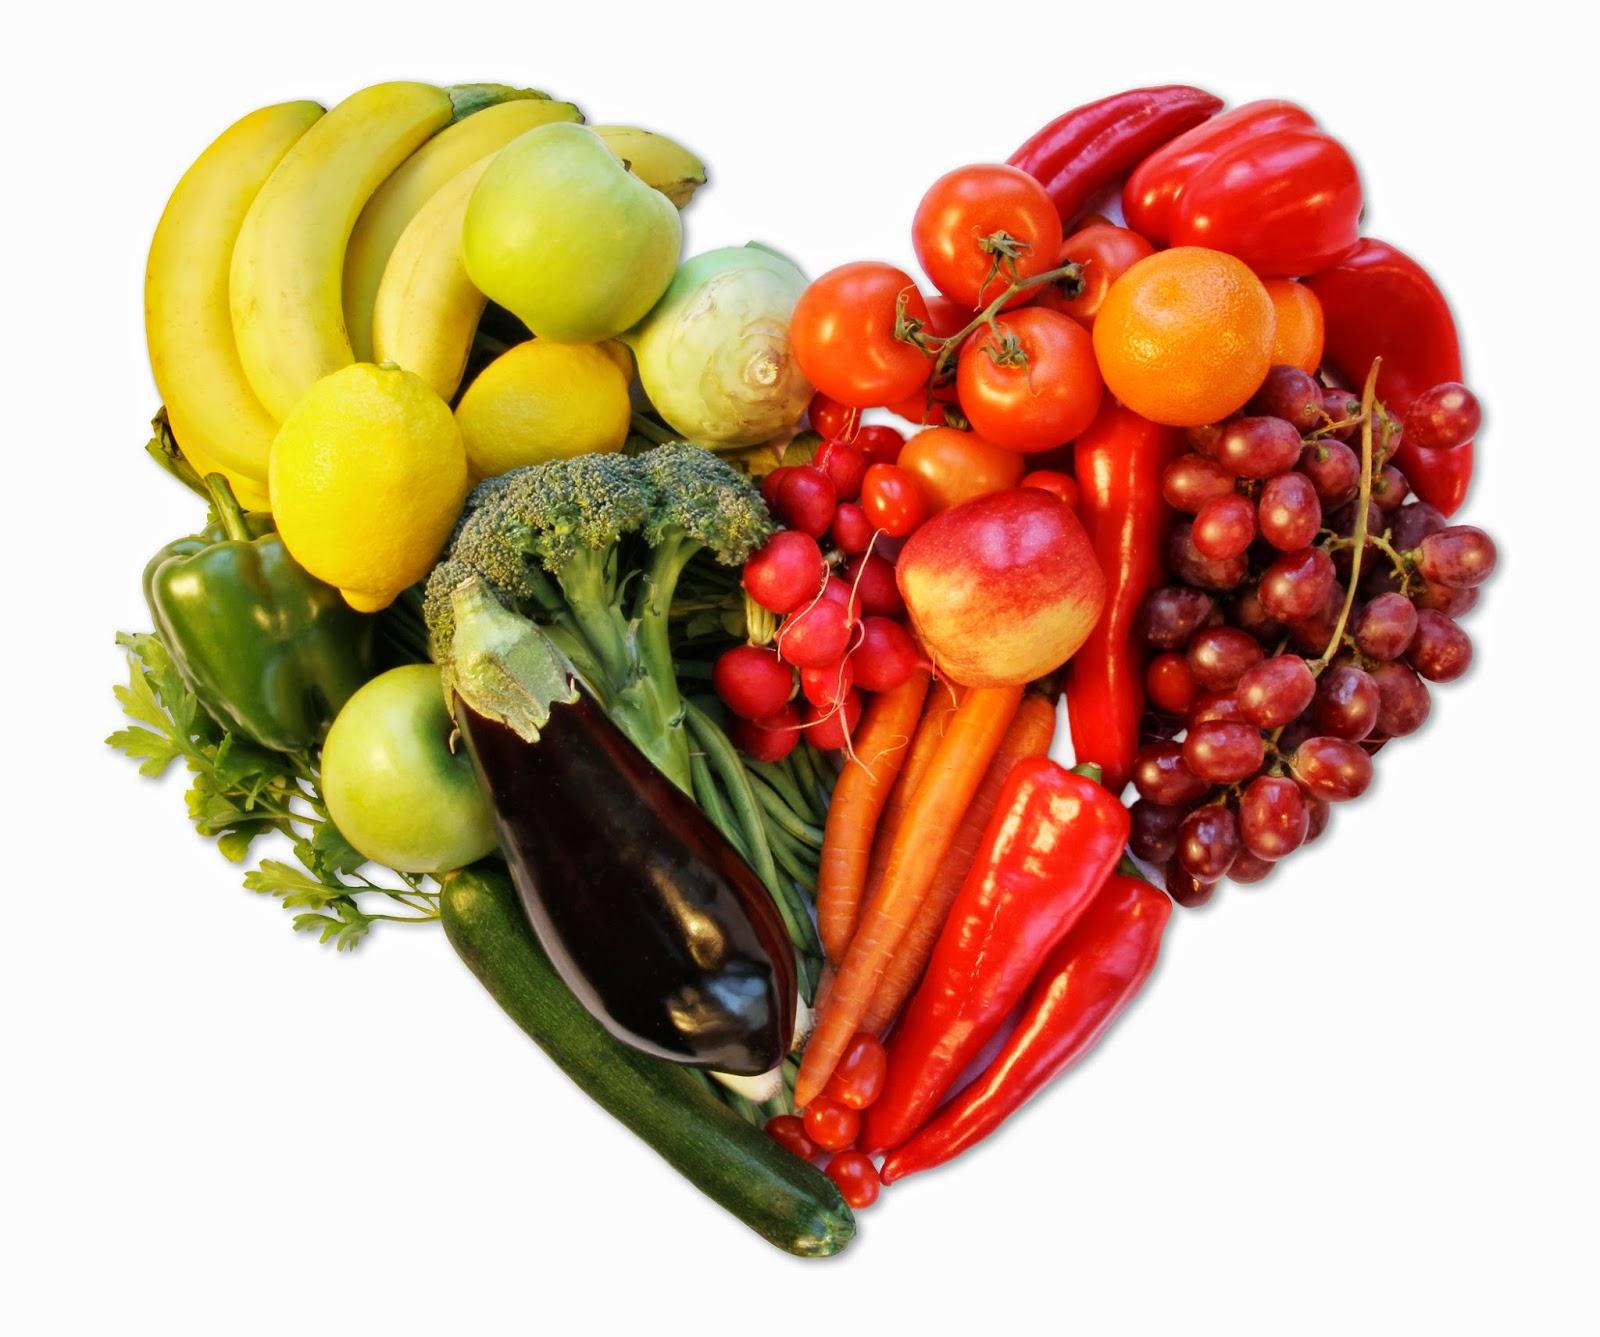 dieta dla seniora, zdrowe jedzenie, dieta, owoce, serafjogin